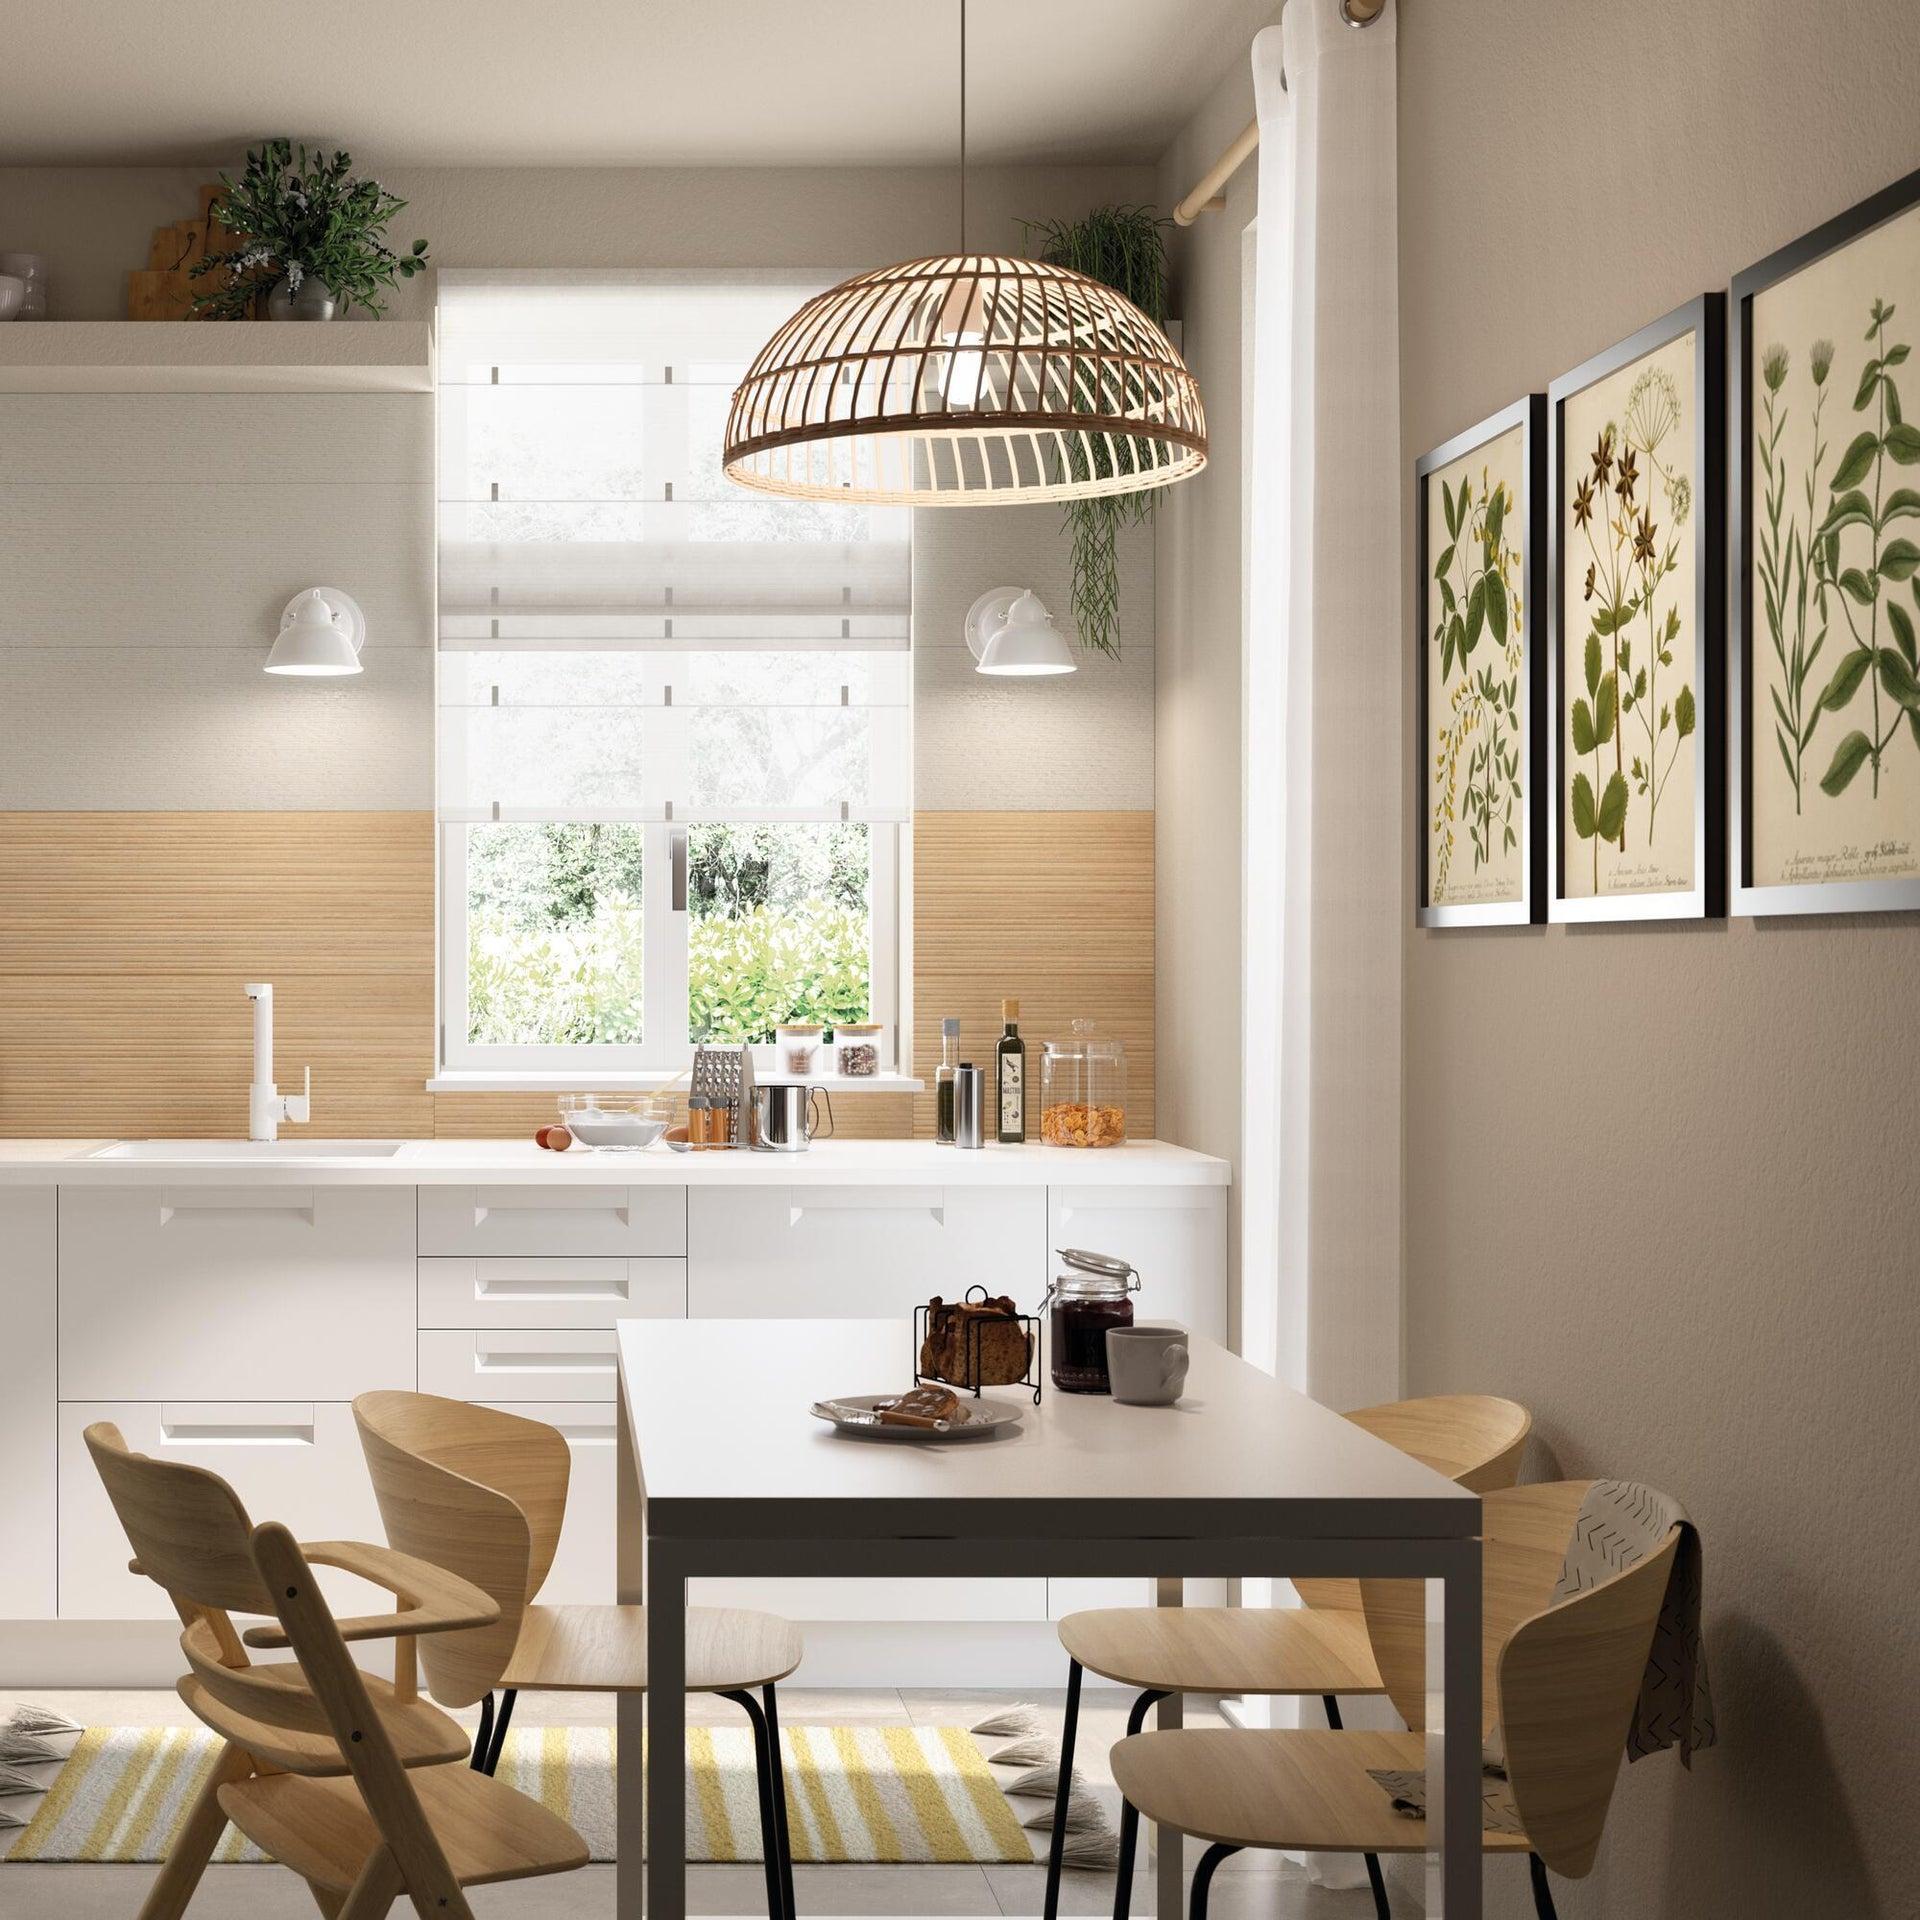 Cucina in kit Evora bianco L 255 cm - 3